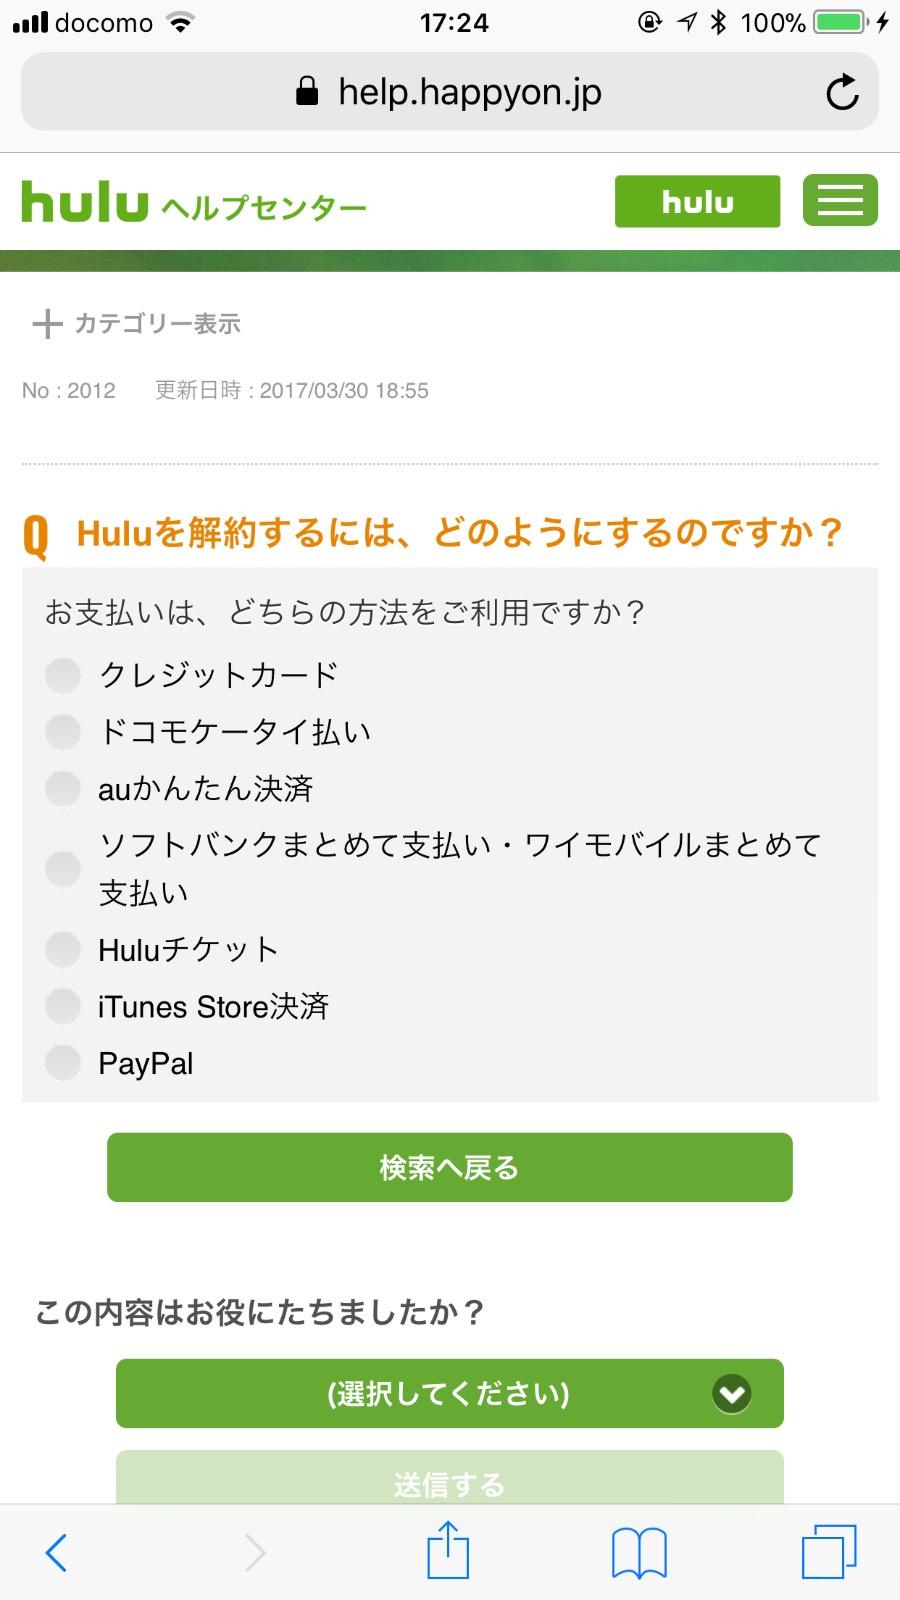 Hulu 0104172409